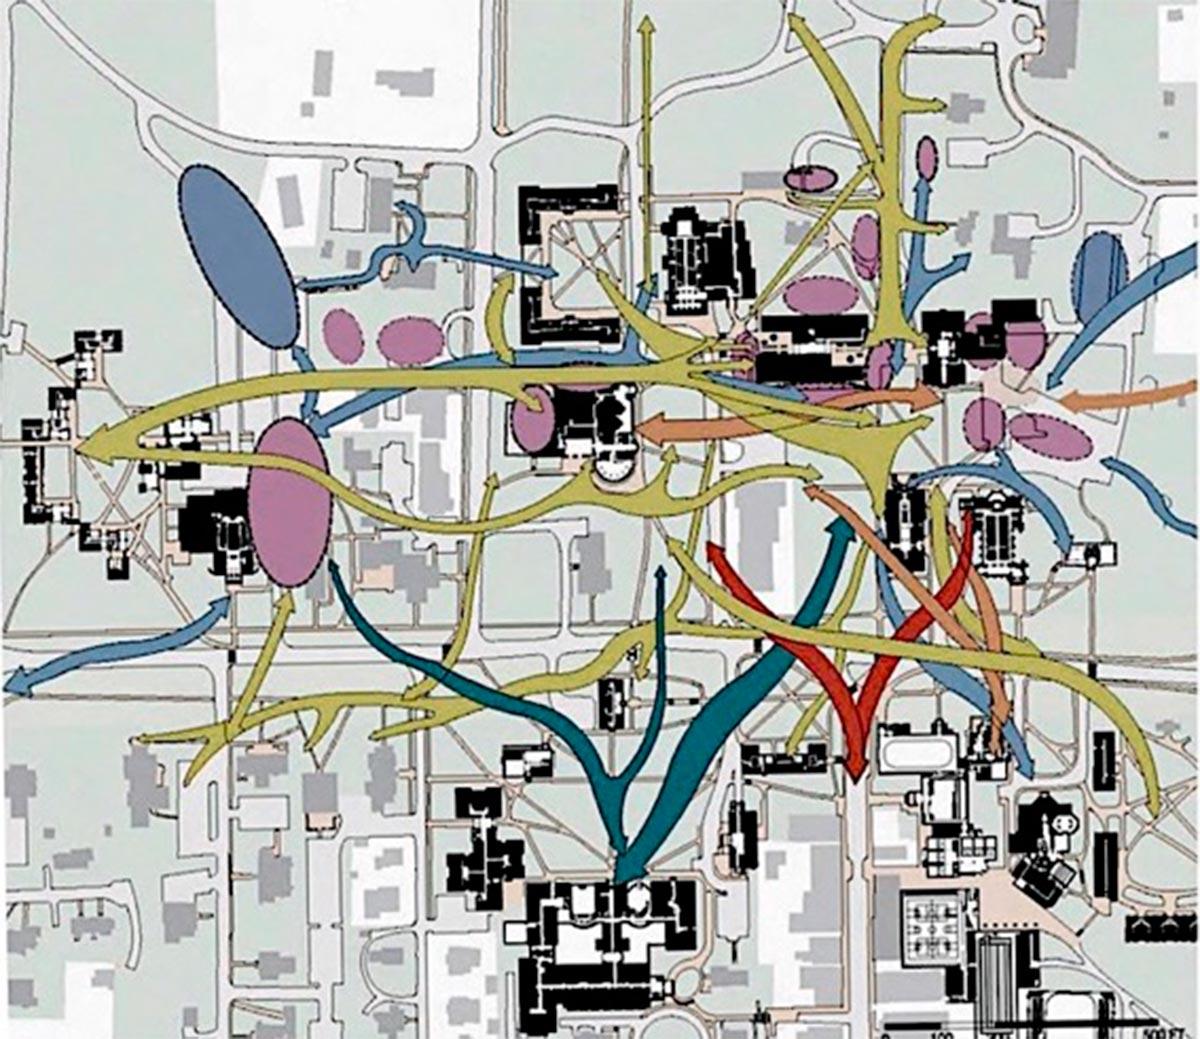 Plano con esquemas y diagramas representativo de los análisis urbanos. Campus College Wiliams de1975. Williamstown, Massachusetts, Estados Unidos. Fuente Elaboración propia a partir de plano de VSBA Architects.